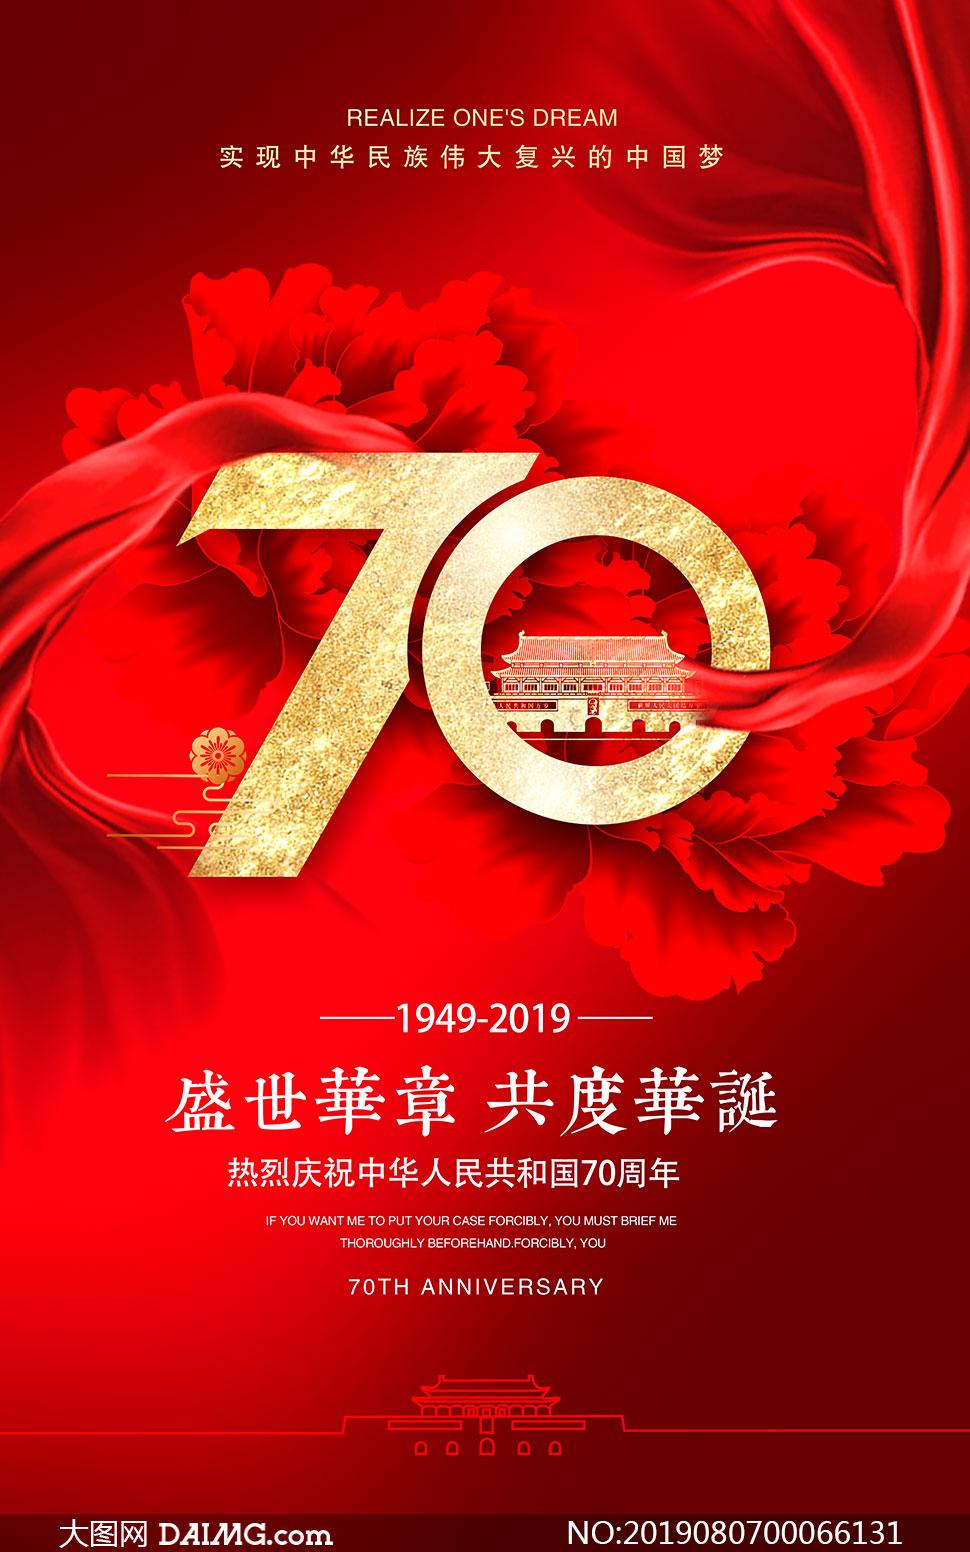 盛世国庆节主题海报设计psd素材 - 大图网daimg.com图片